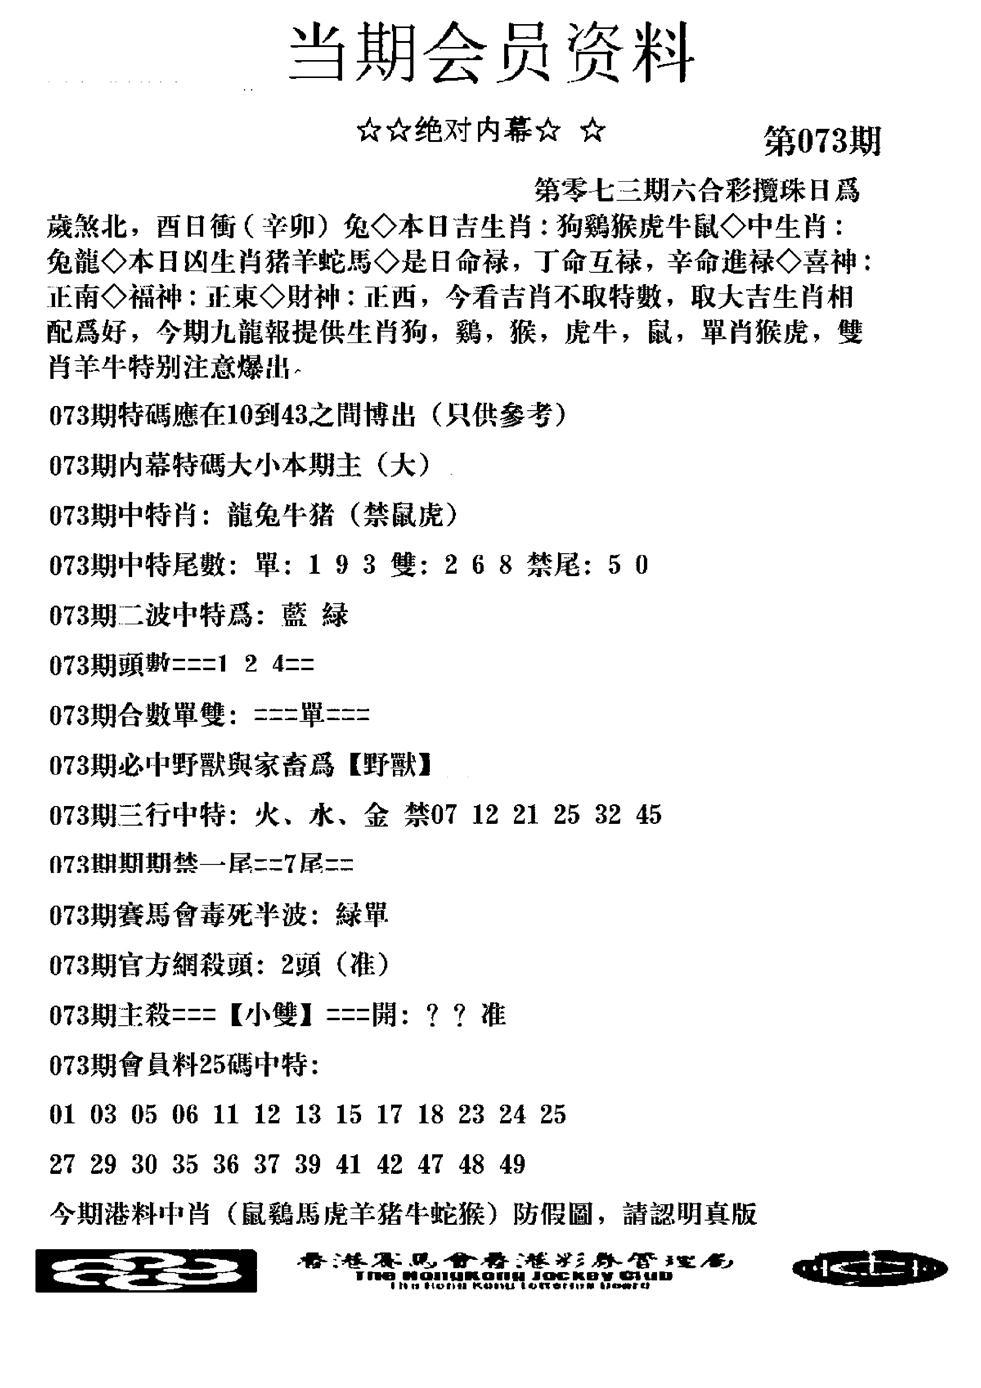 073期当期会员资料图(黑白)